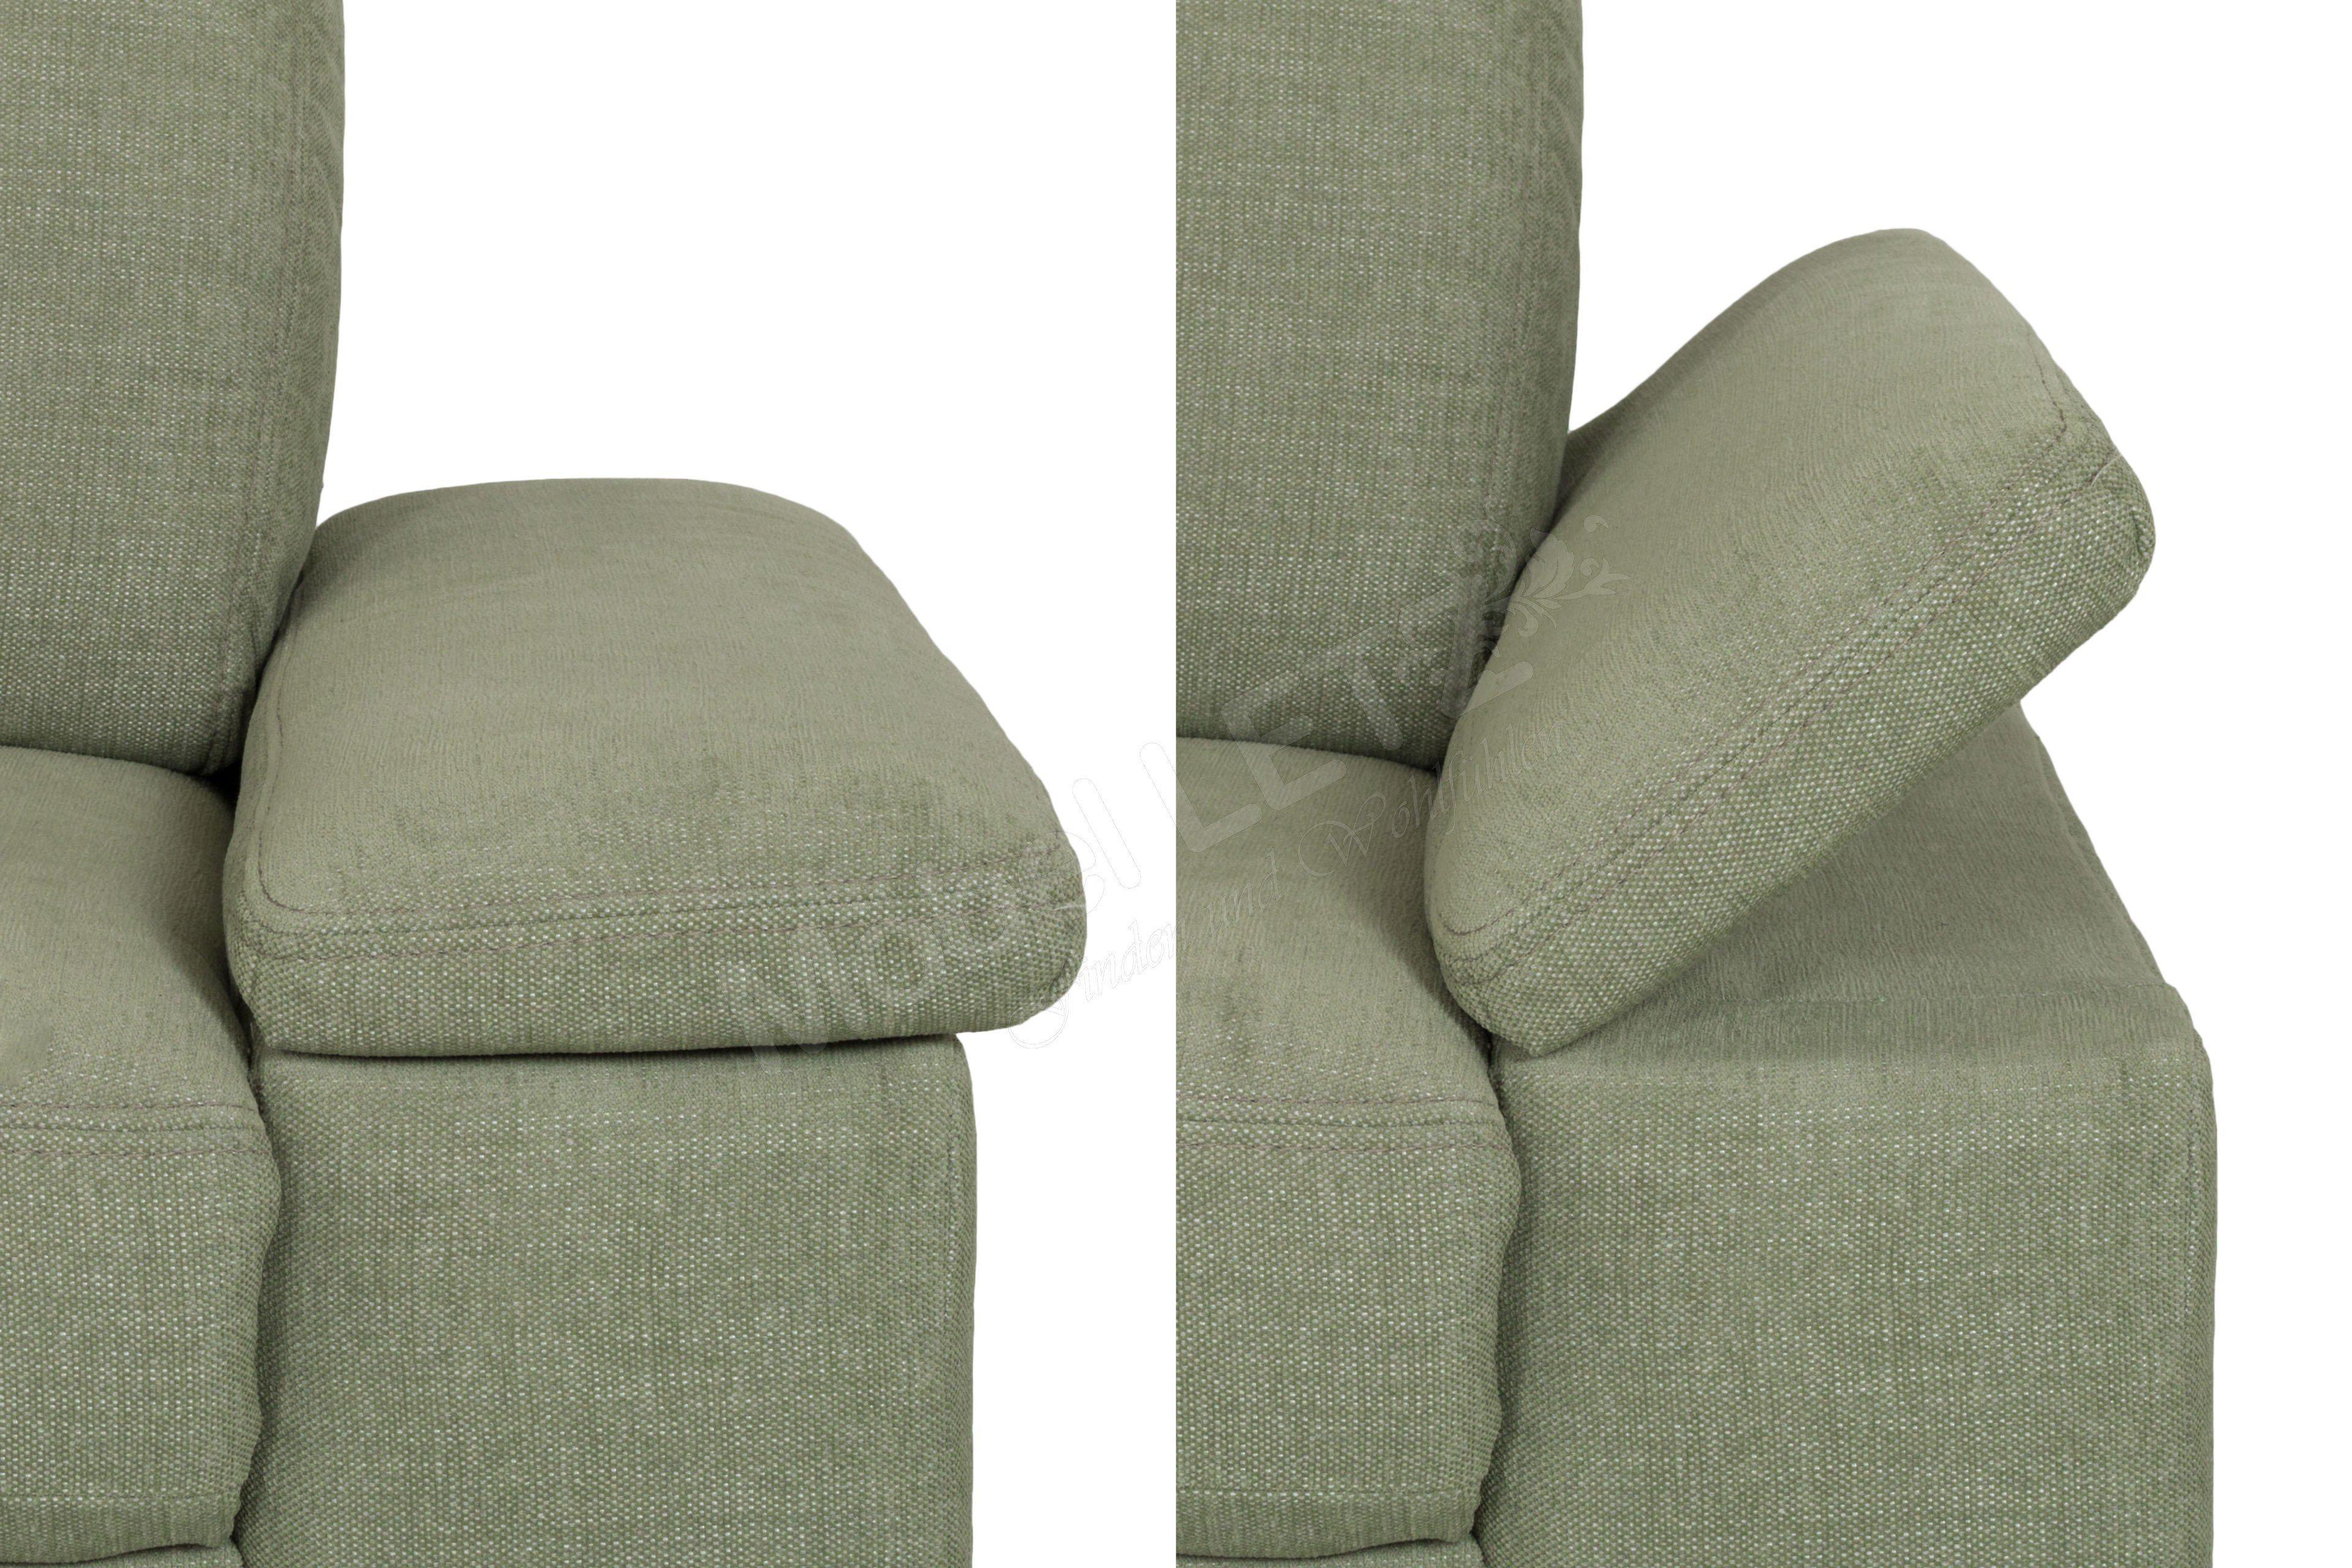 pm oelsa sofalandschaft baile in gr n m bel letz ihr. Black Bedroom Furniture Sets. Home Design Ideas